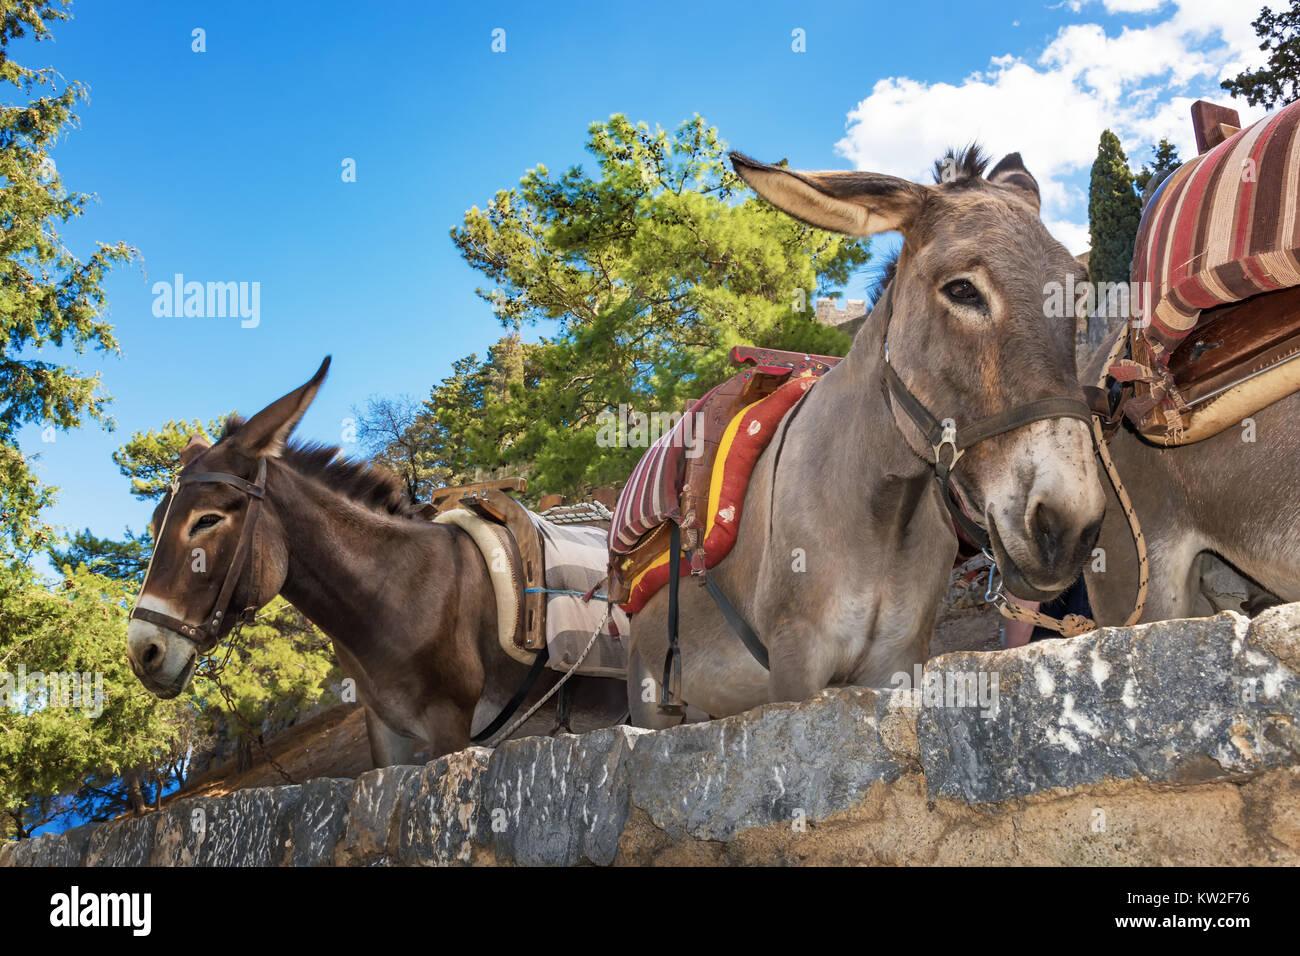 Donkey taxi - asini utilizzato per trasportare i turisti a Acropoli di Lindos (Rhodes, Grecia) Immagini Stock